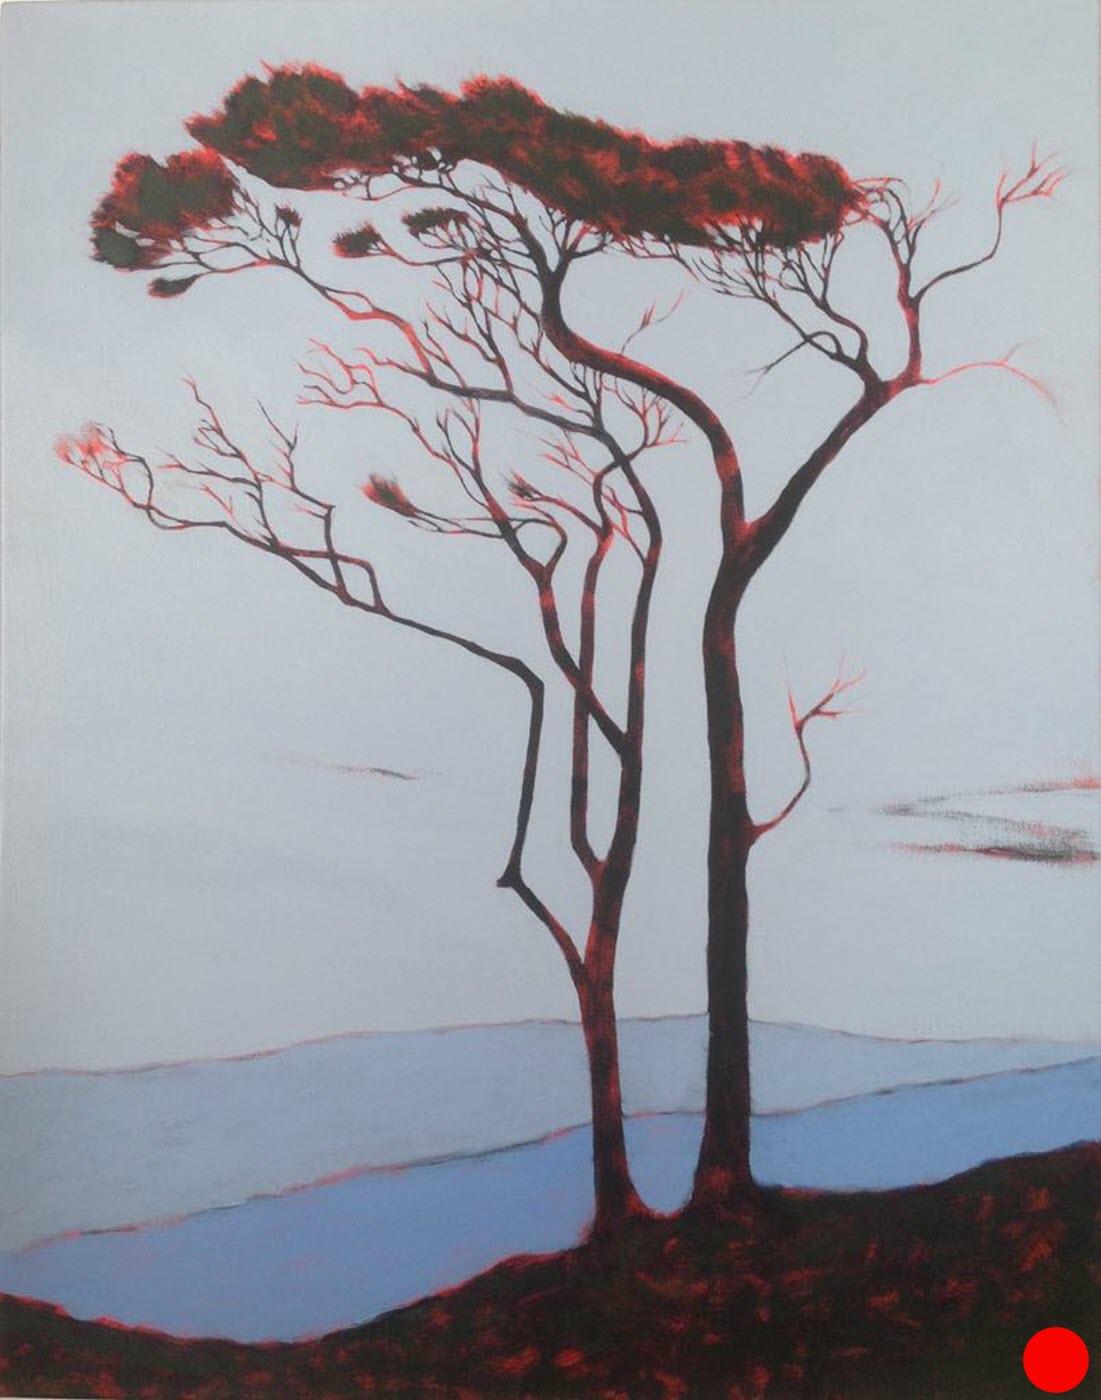 Manuka Pair  (2017). 700 mm x 650 mm. Acrylic on Canvas.